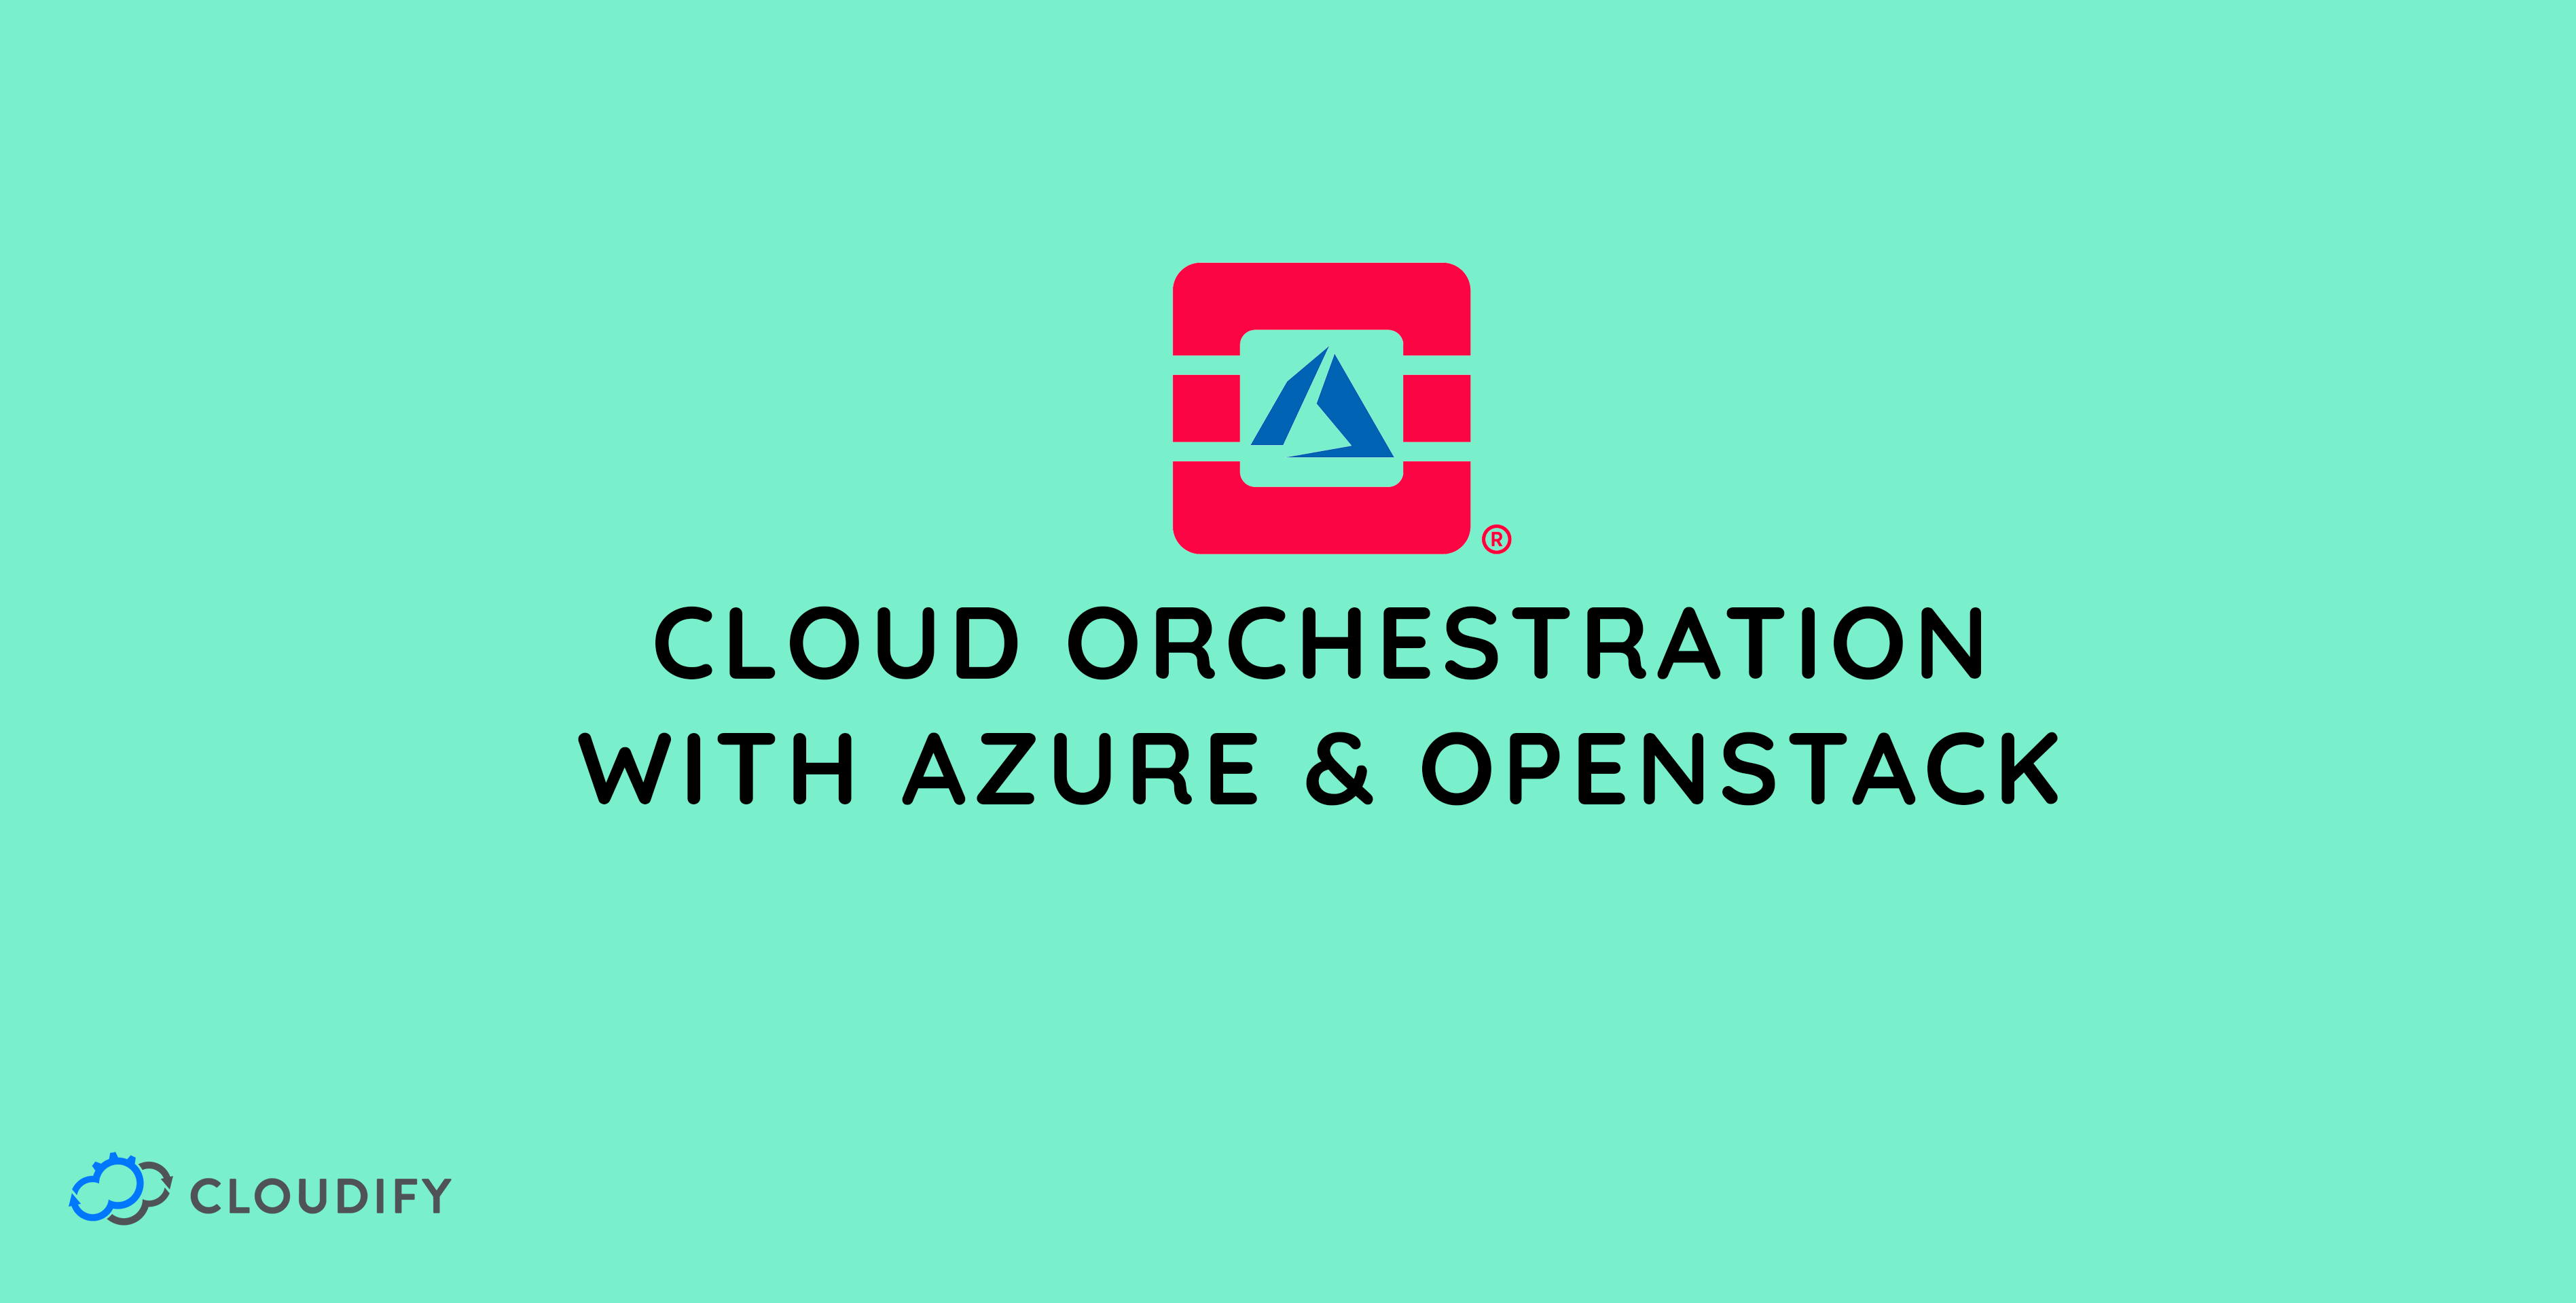 azure openstack cloudify